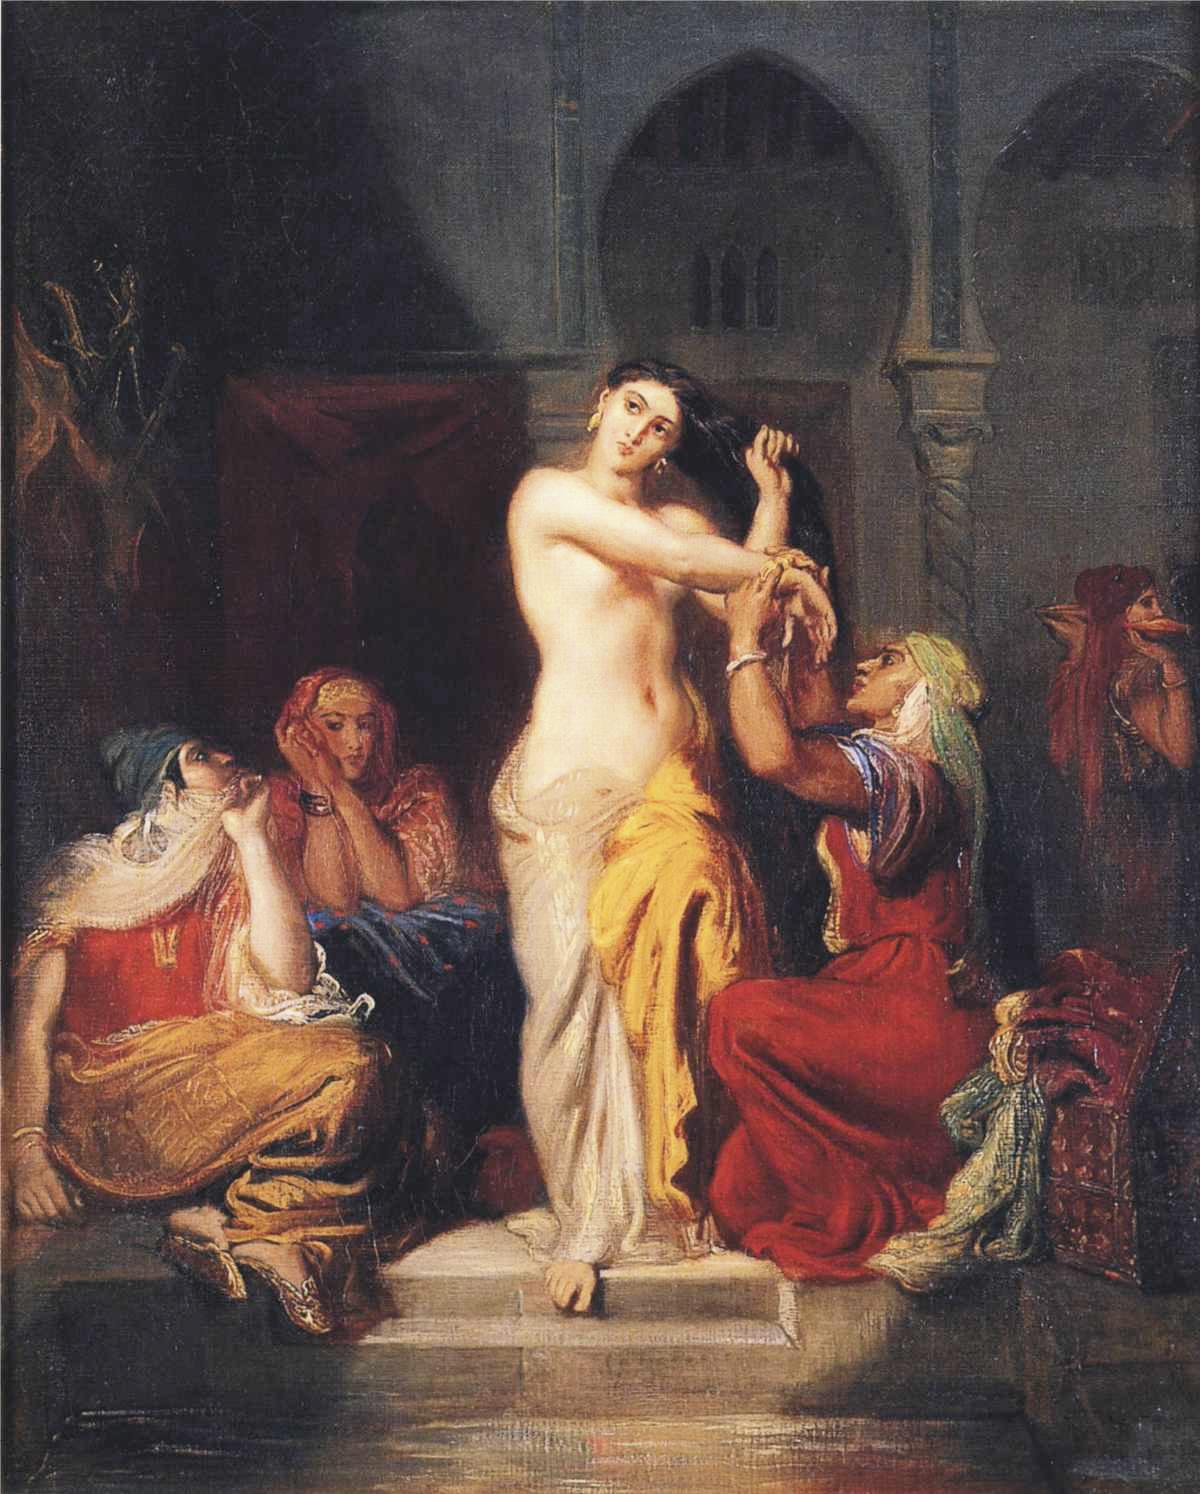 Chasseriau, 1854